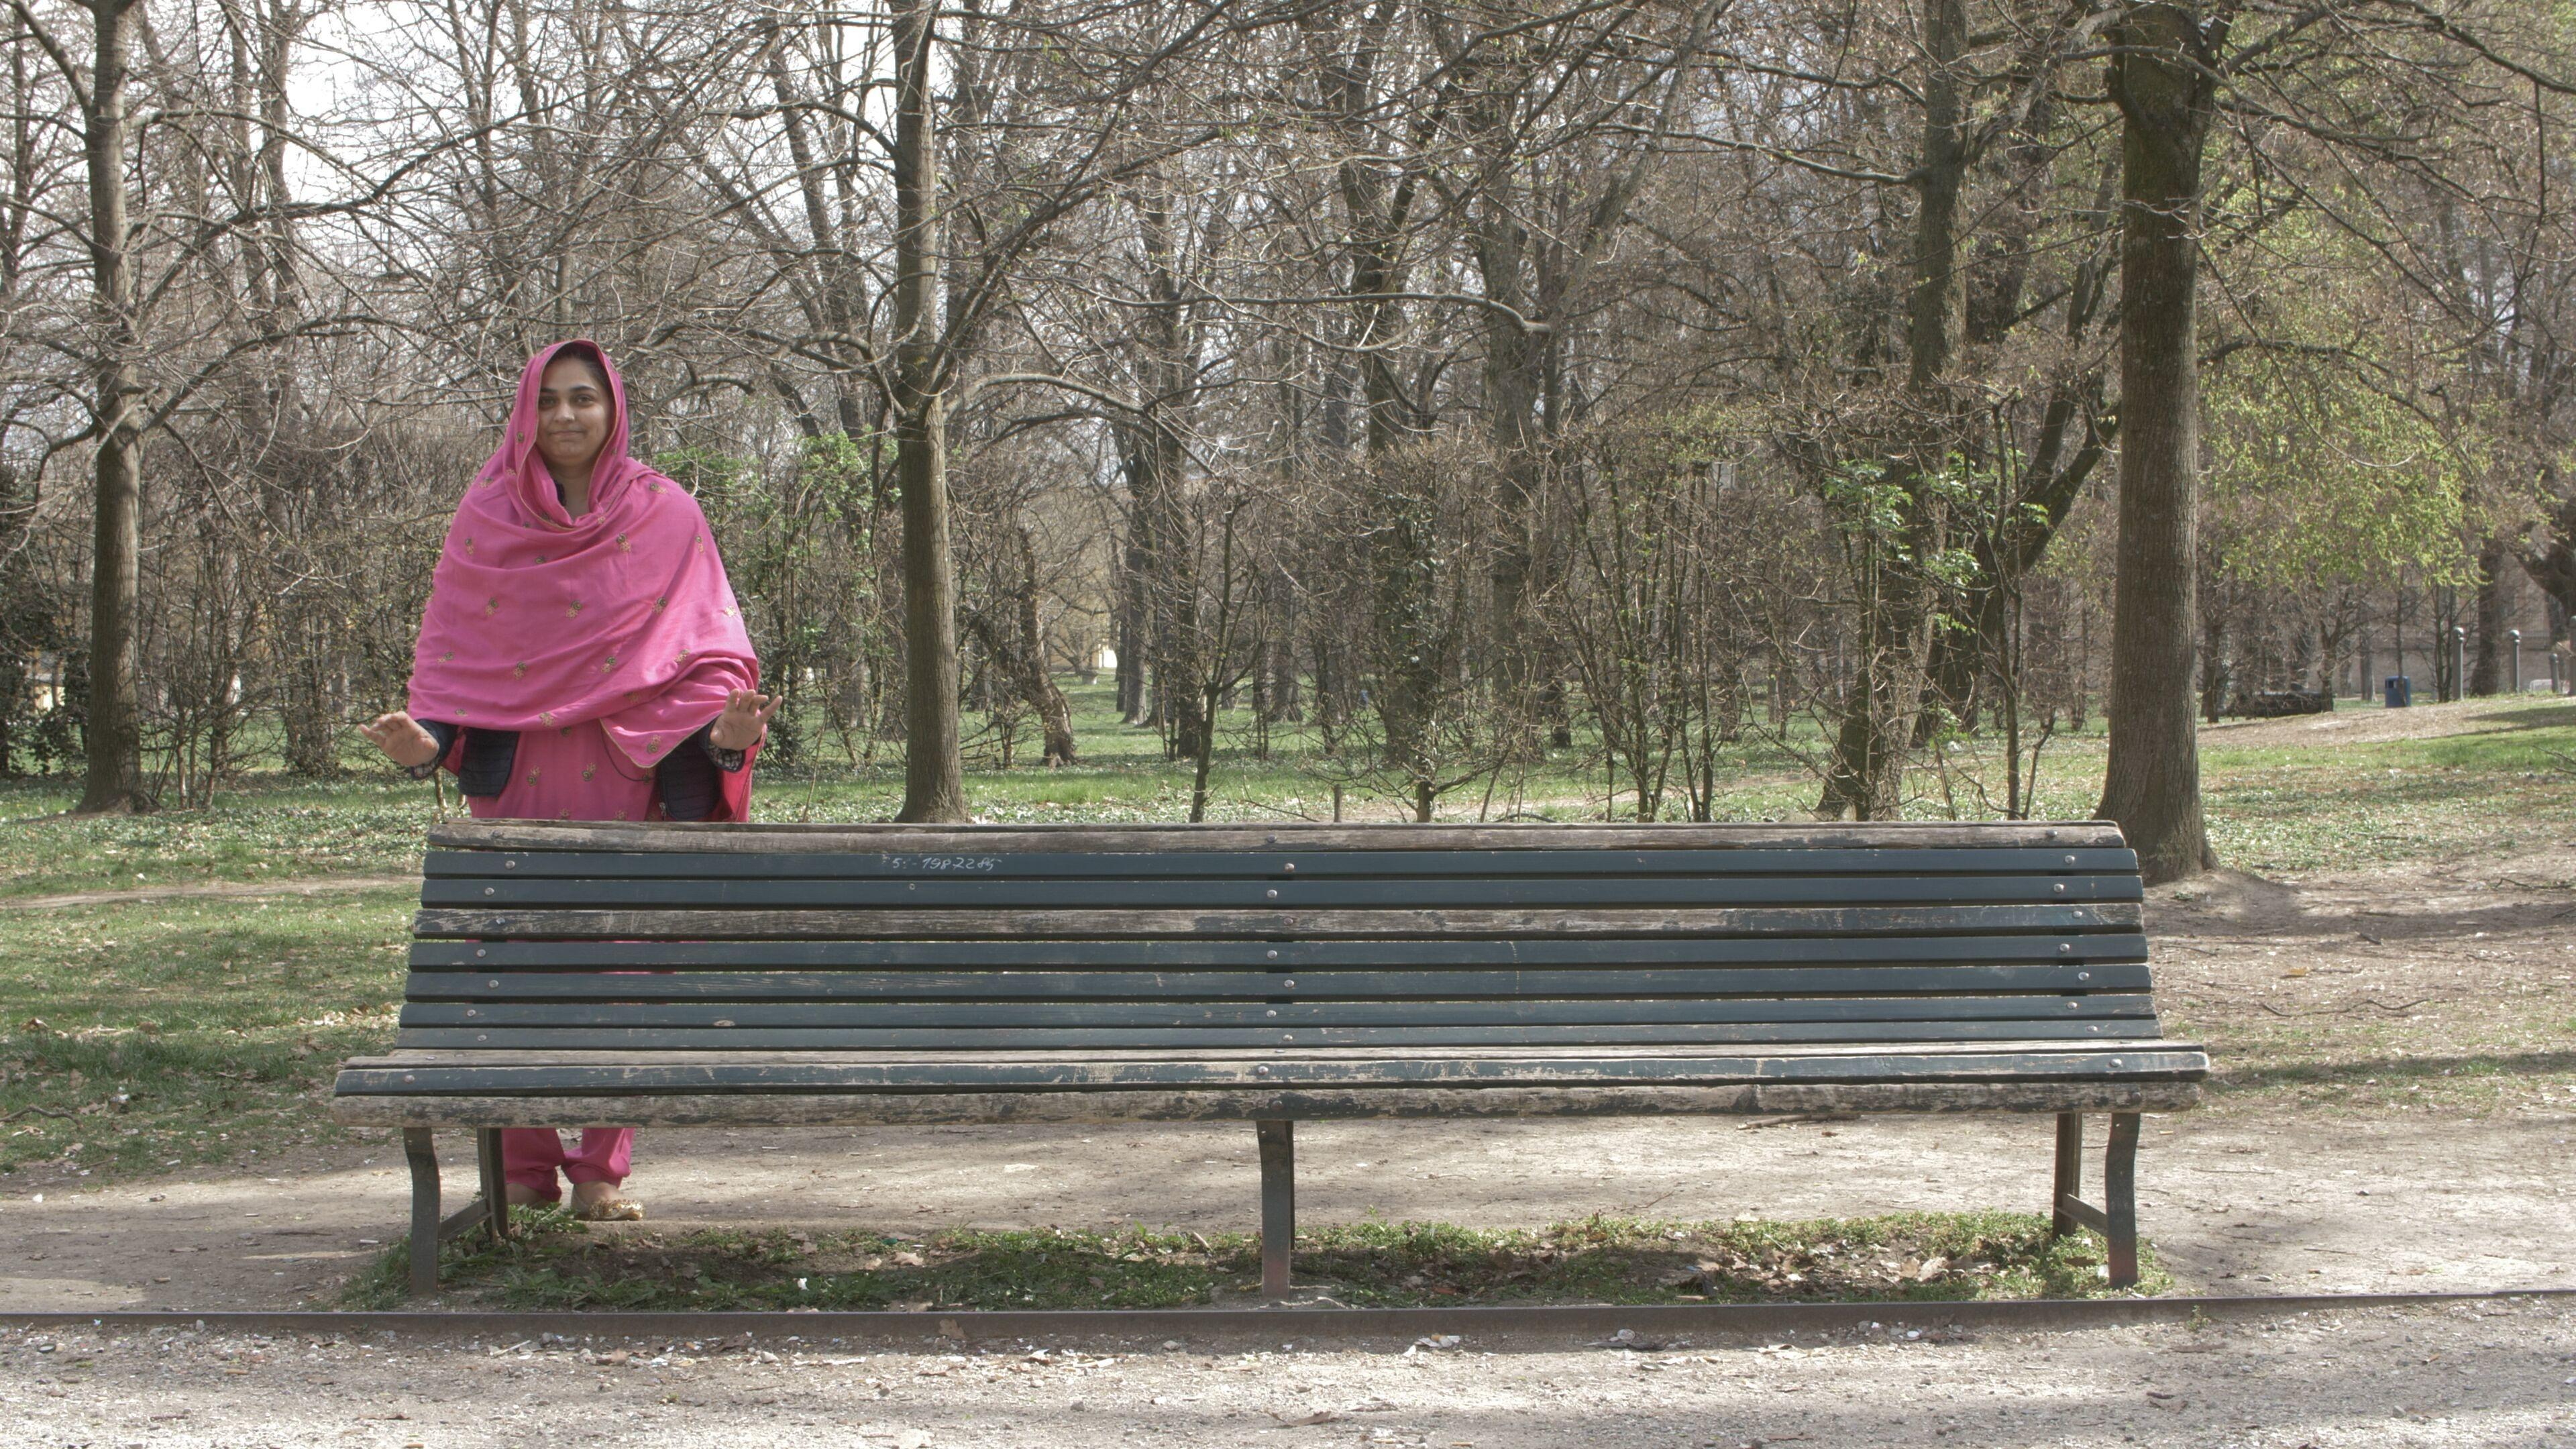 INSOLITO FESTIVAL  Pankine, al Parco dei Poeti la città che cambia raccontata da un progetto firmato da artisti e abitanti